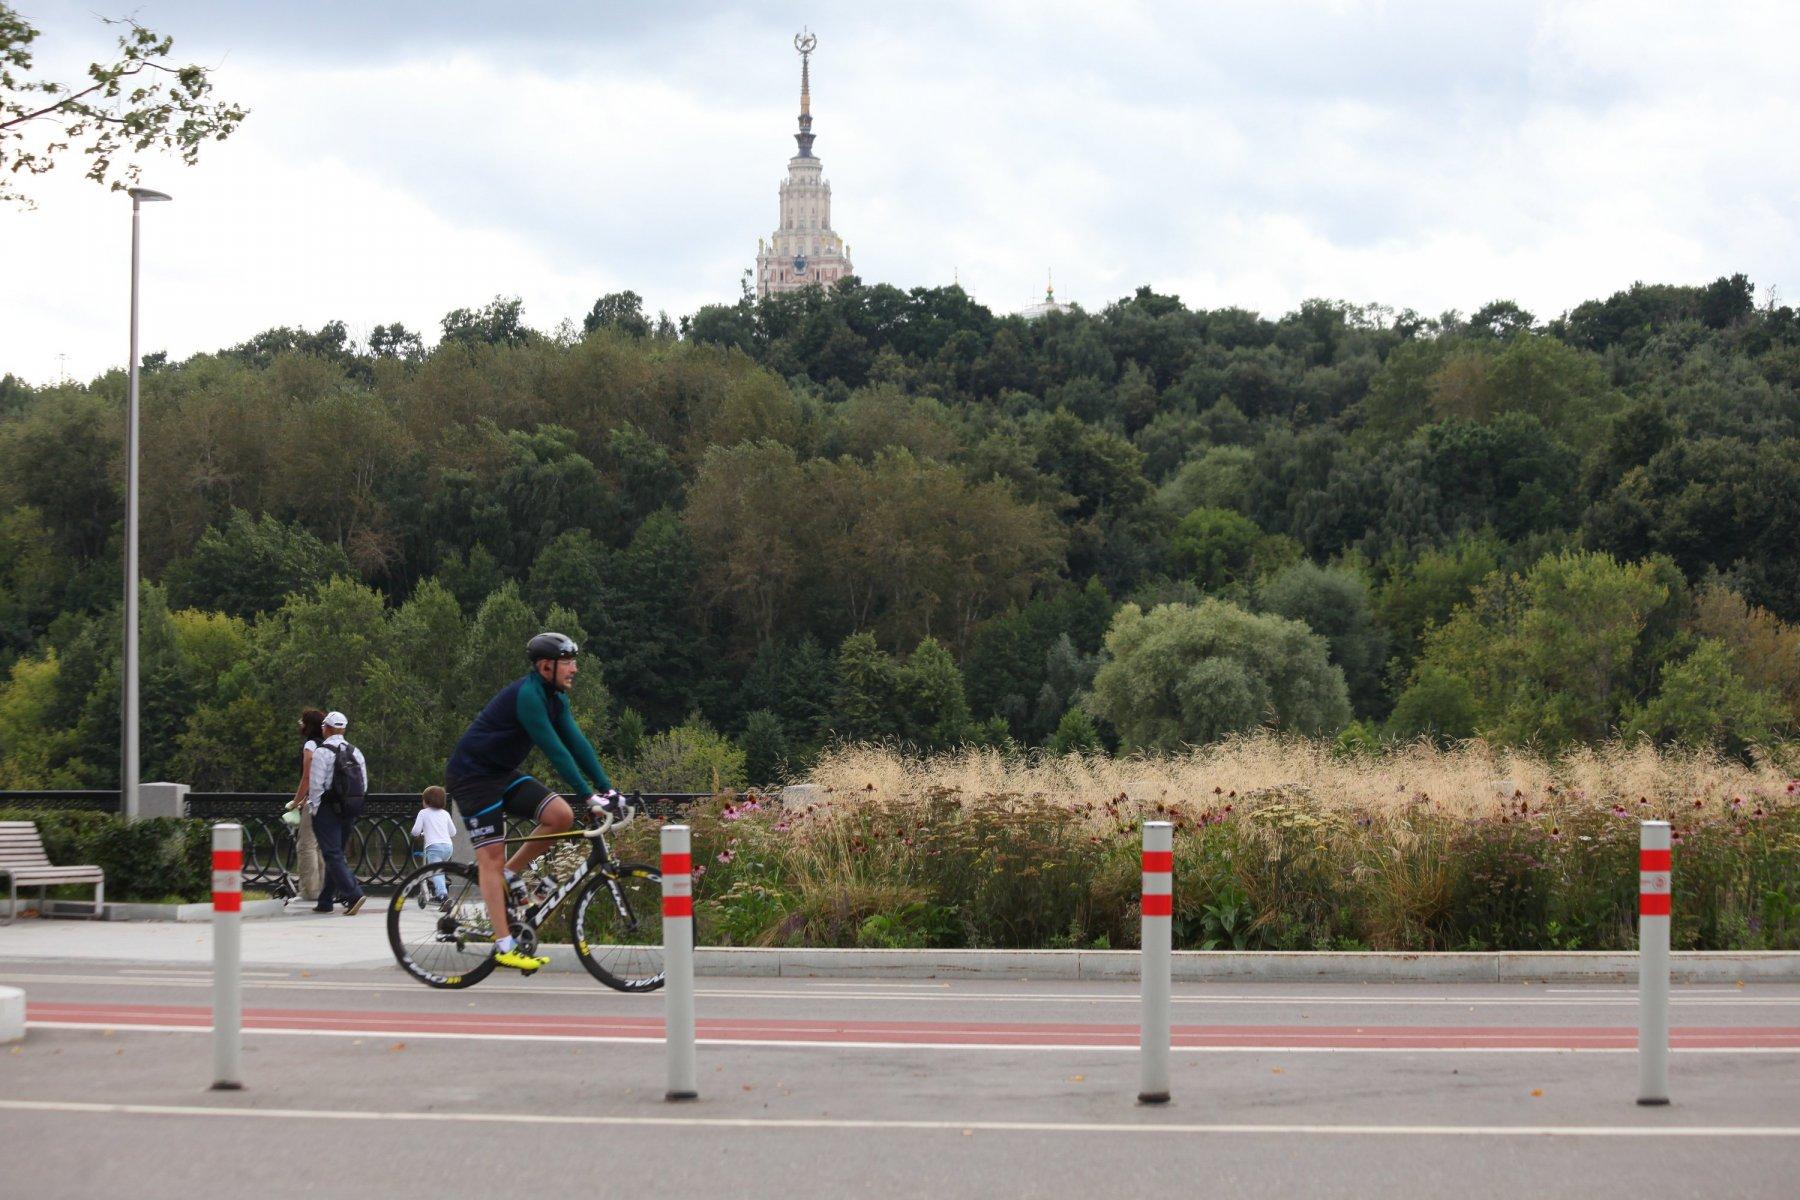 В парках Москвы оборудовано 69 кмвелосипедных дорожек